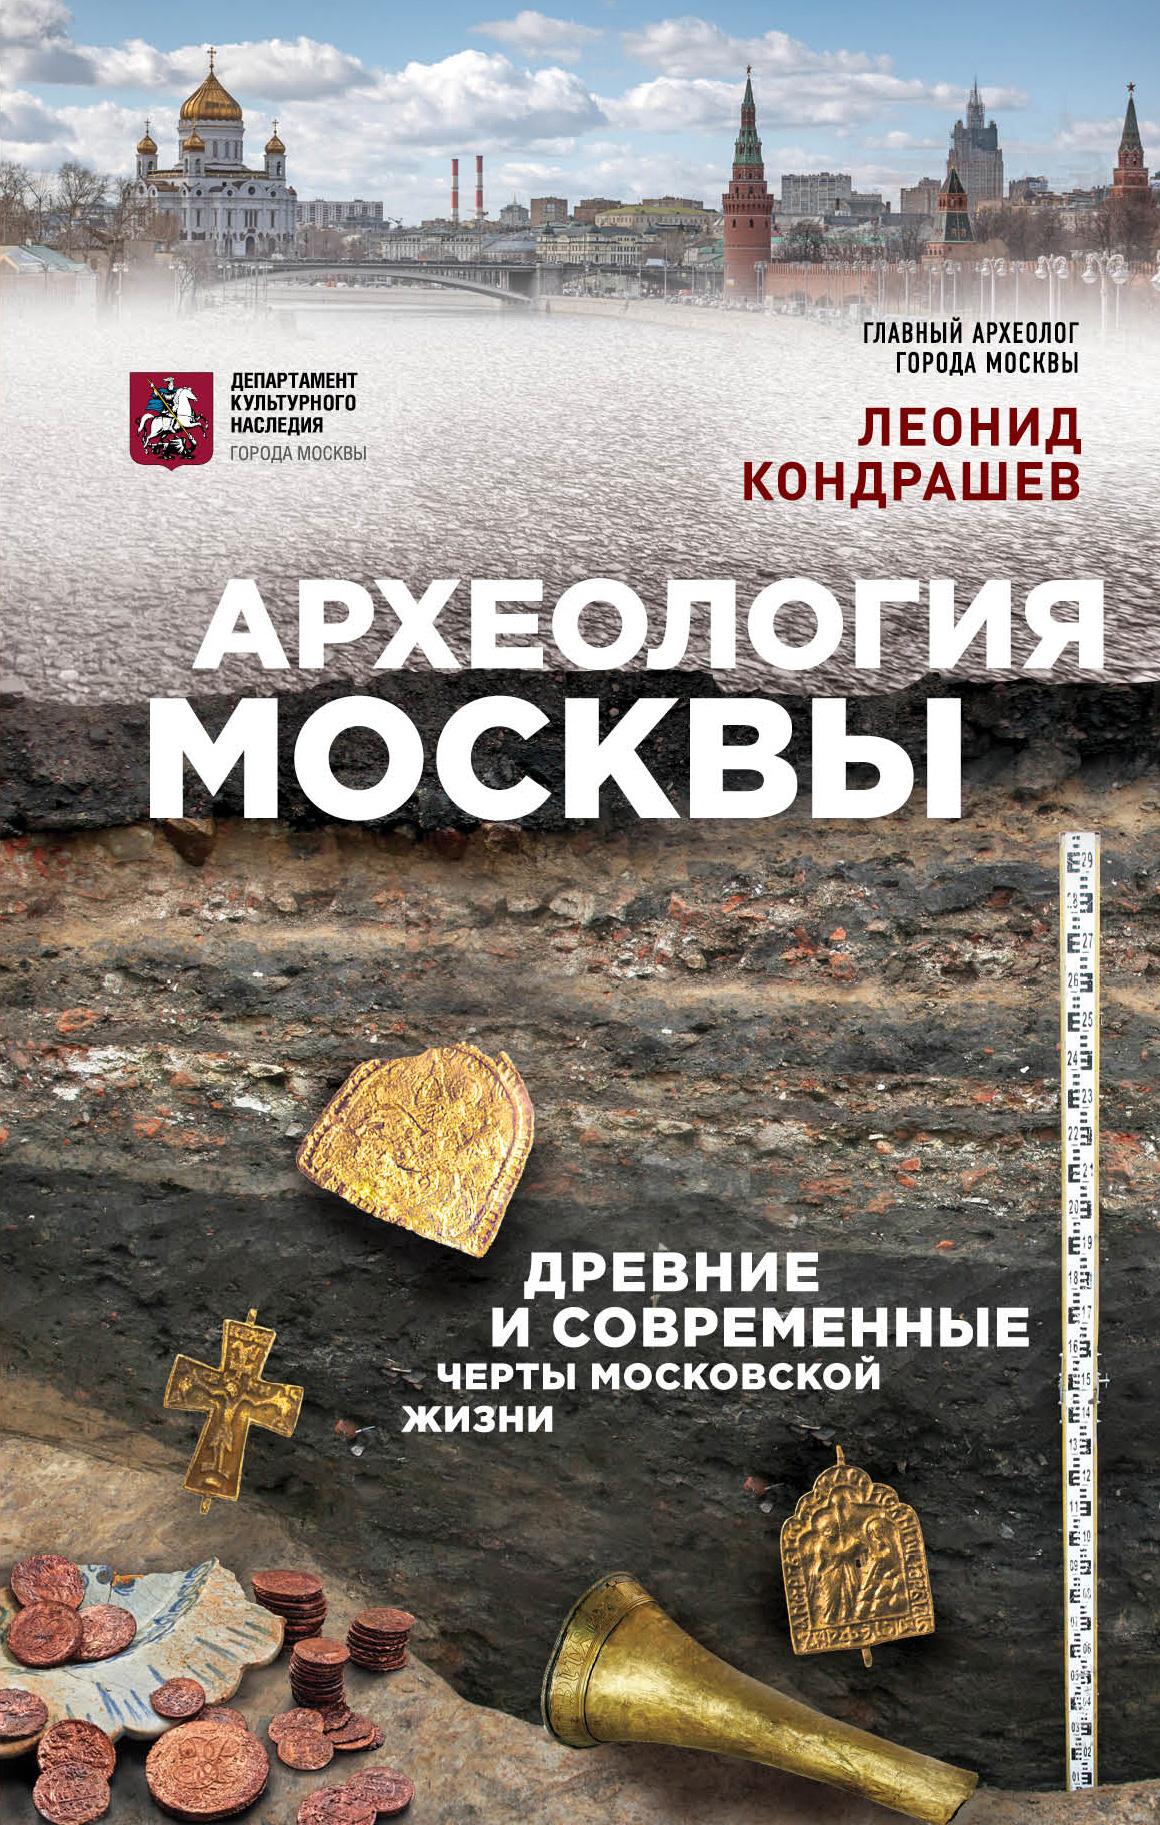 Леонид Кондрашев Археология Москвы: древние и современные черты московской жизни